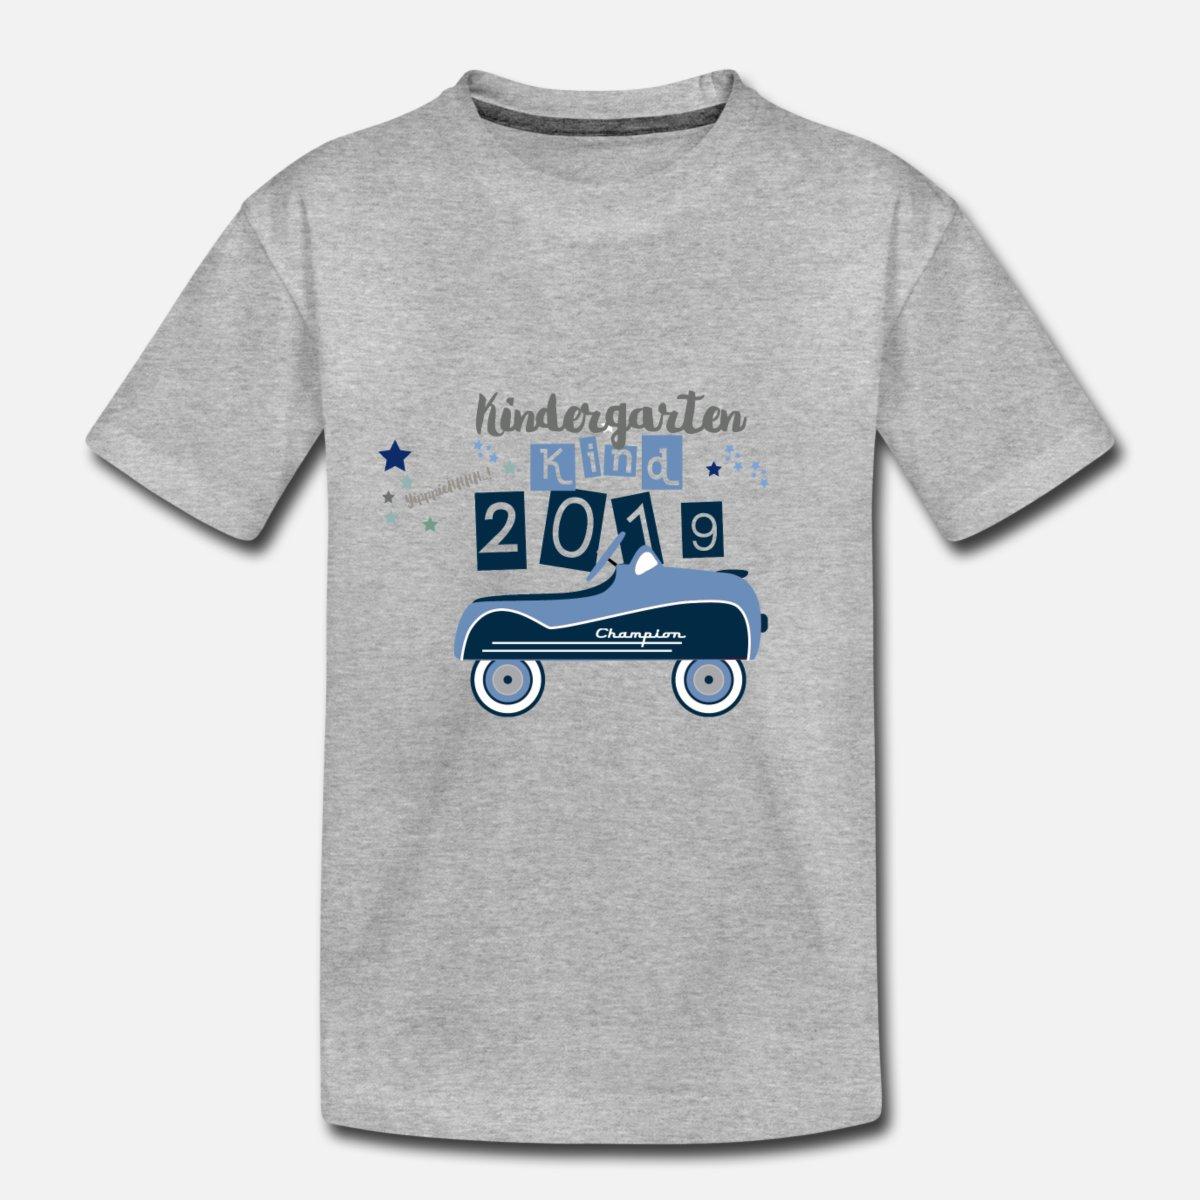 Kindergartenkind Auto Kleiner Champion Kinder Premium T-Shirt - Grau Meliert in T-Shirt Kindergartenkind